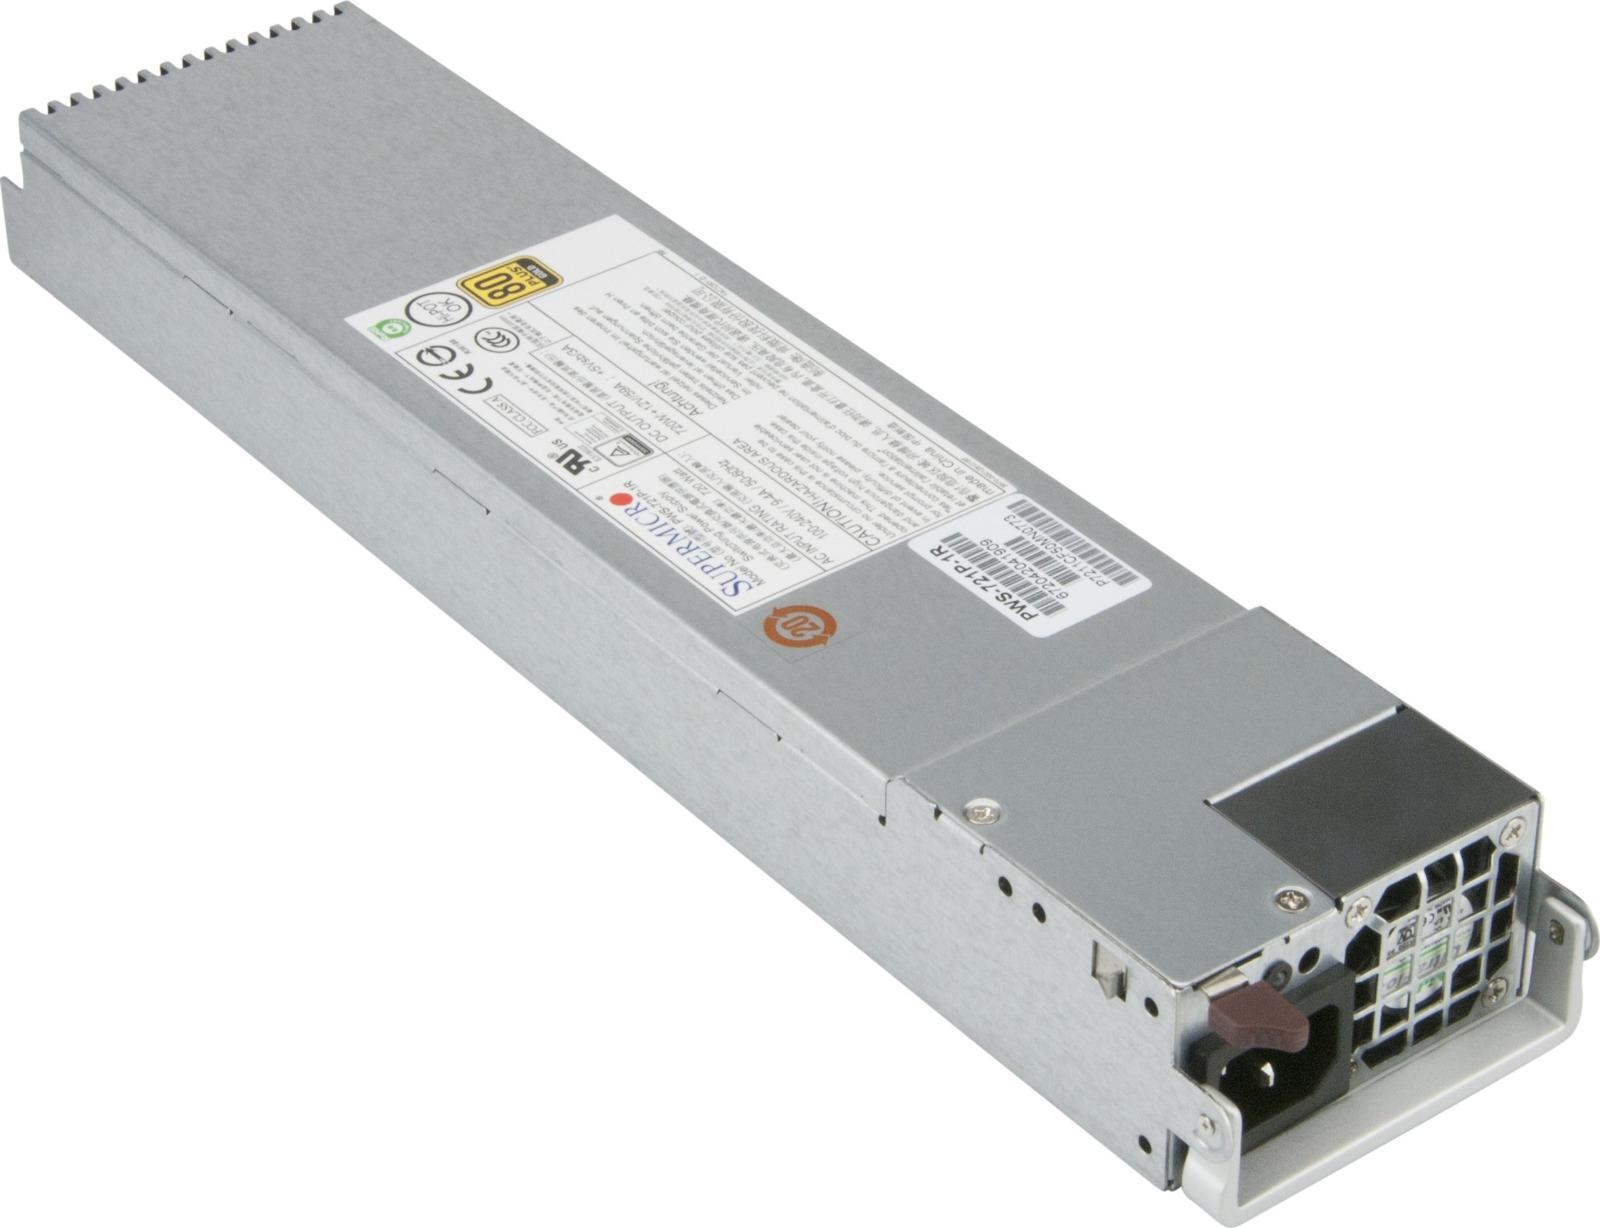 цены на Блок питания SuperMicro PWS-721P-1R 720W  в интернет-магазинах